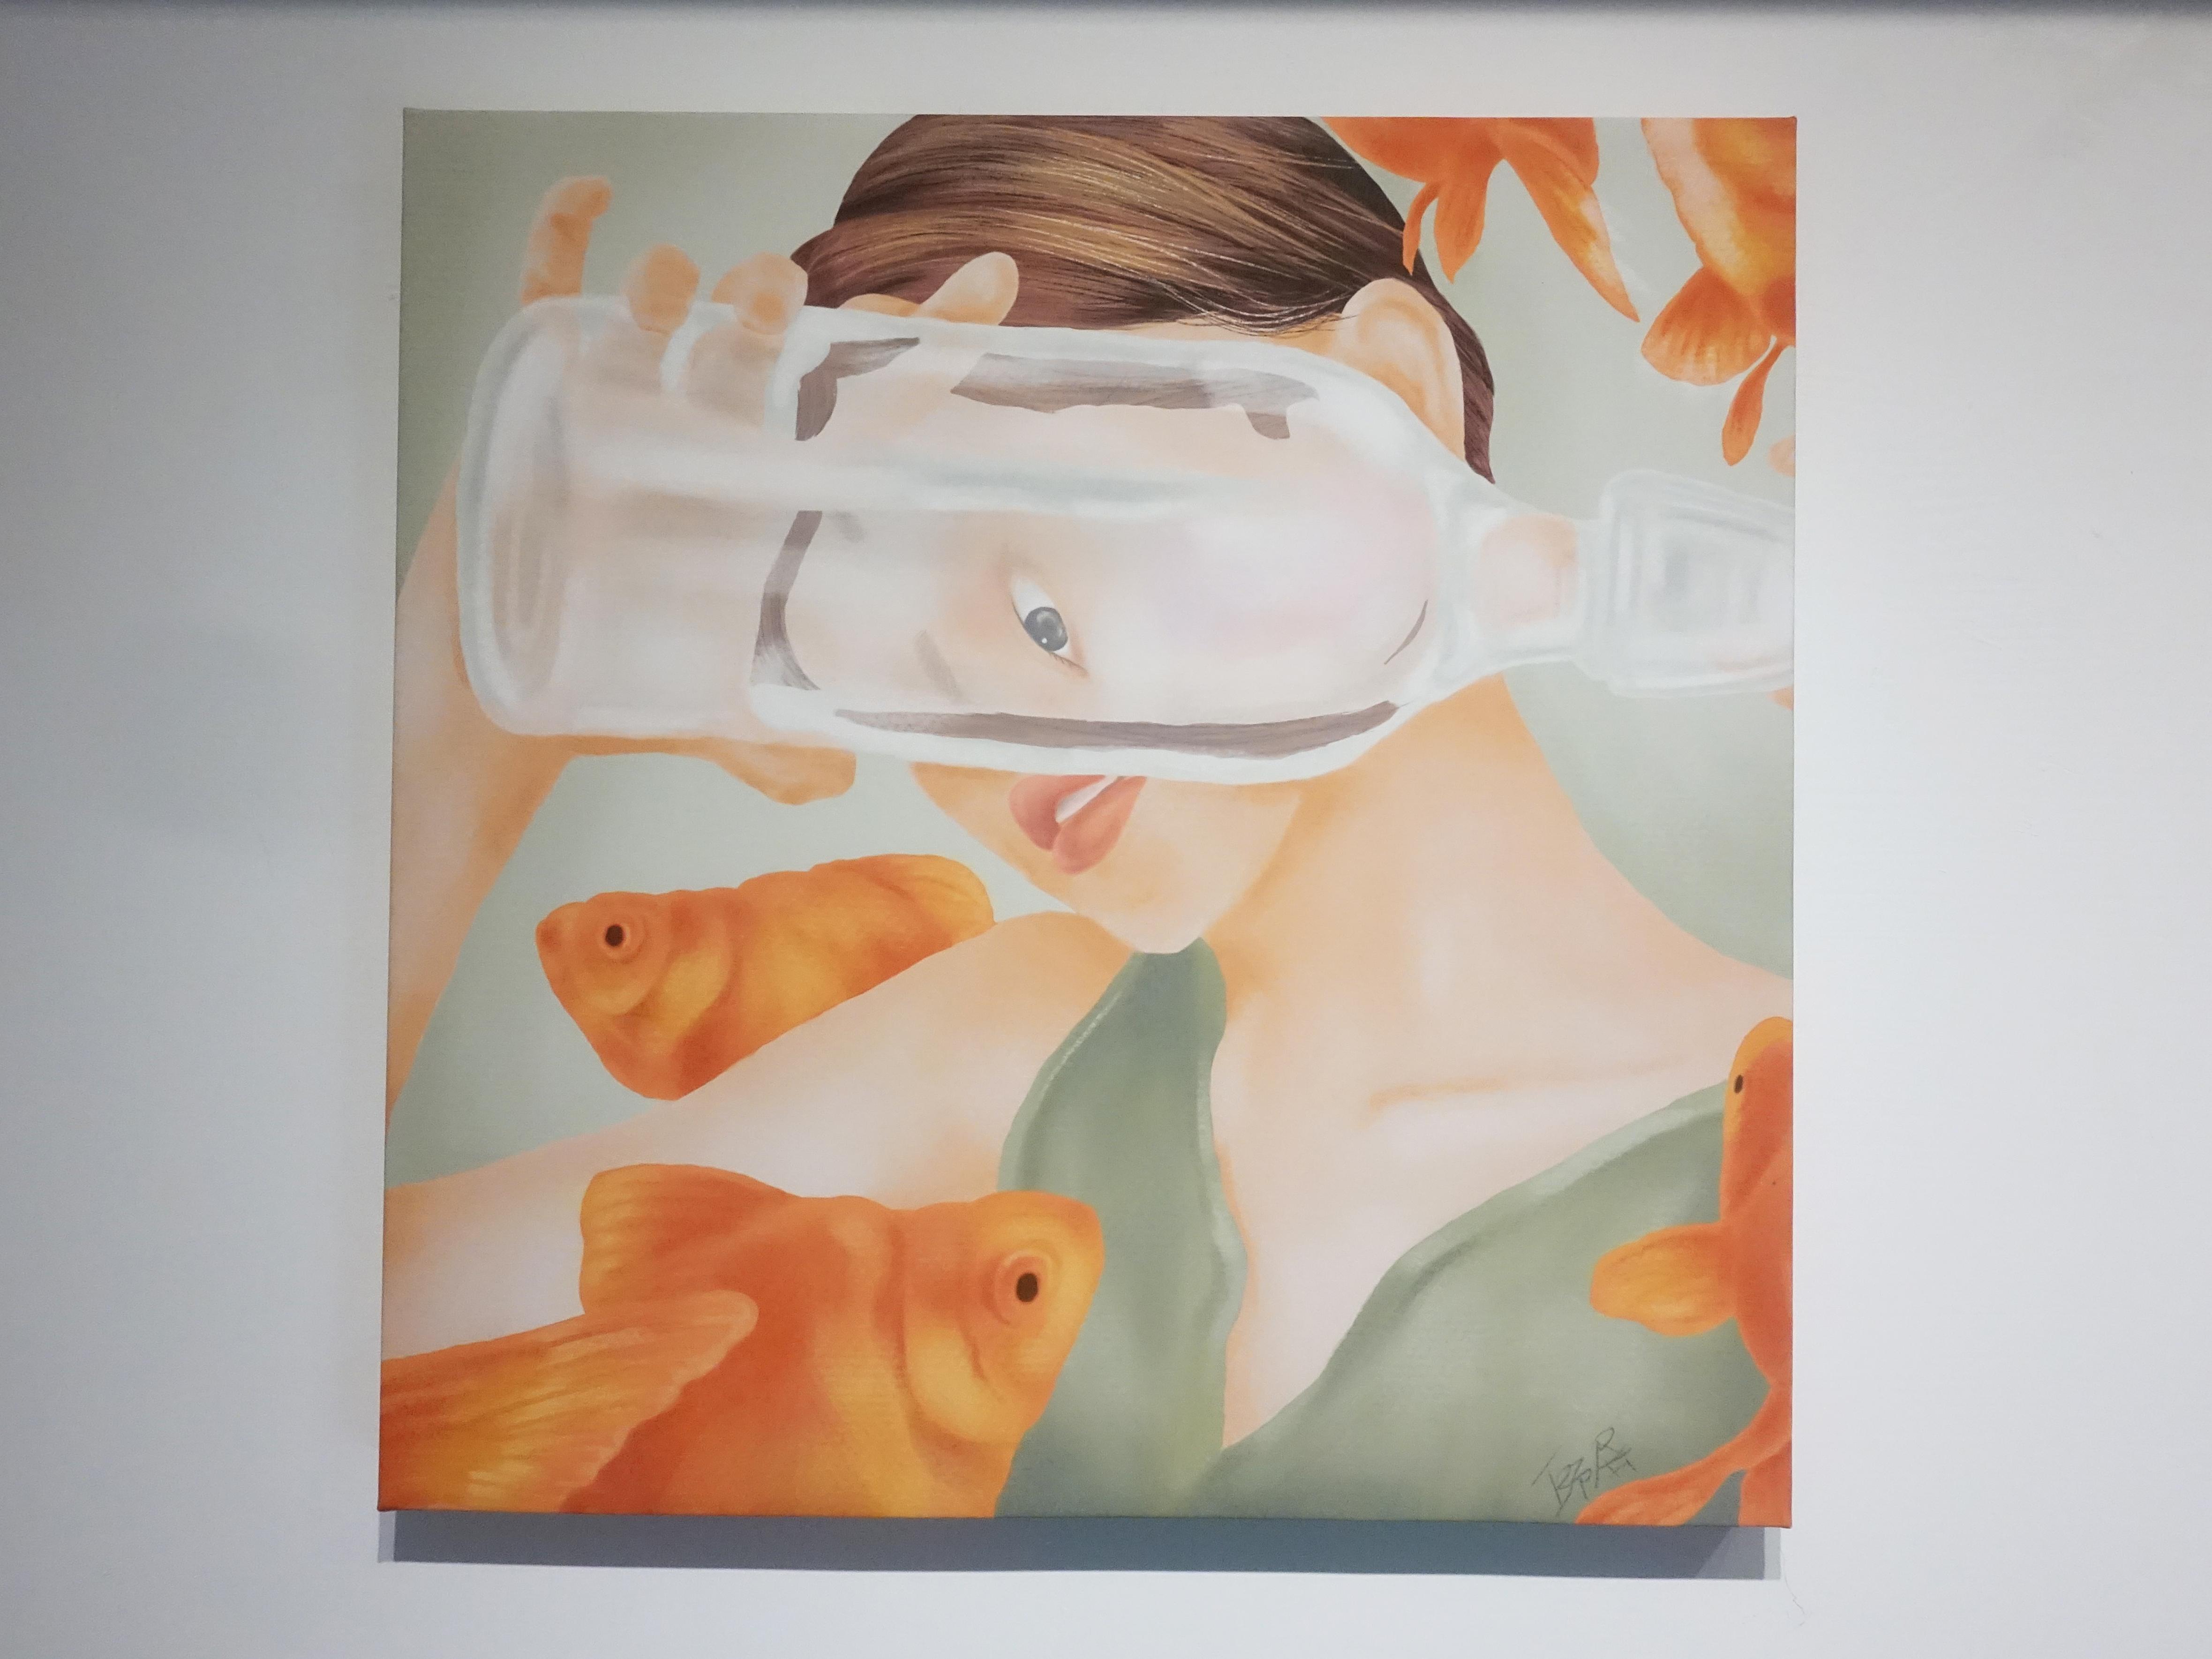 連師屏,《自由是》,數位繪圖,50 x 50 cm 1/10,2019。